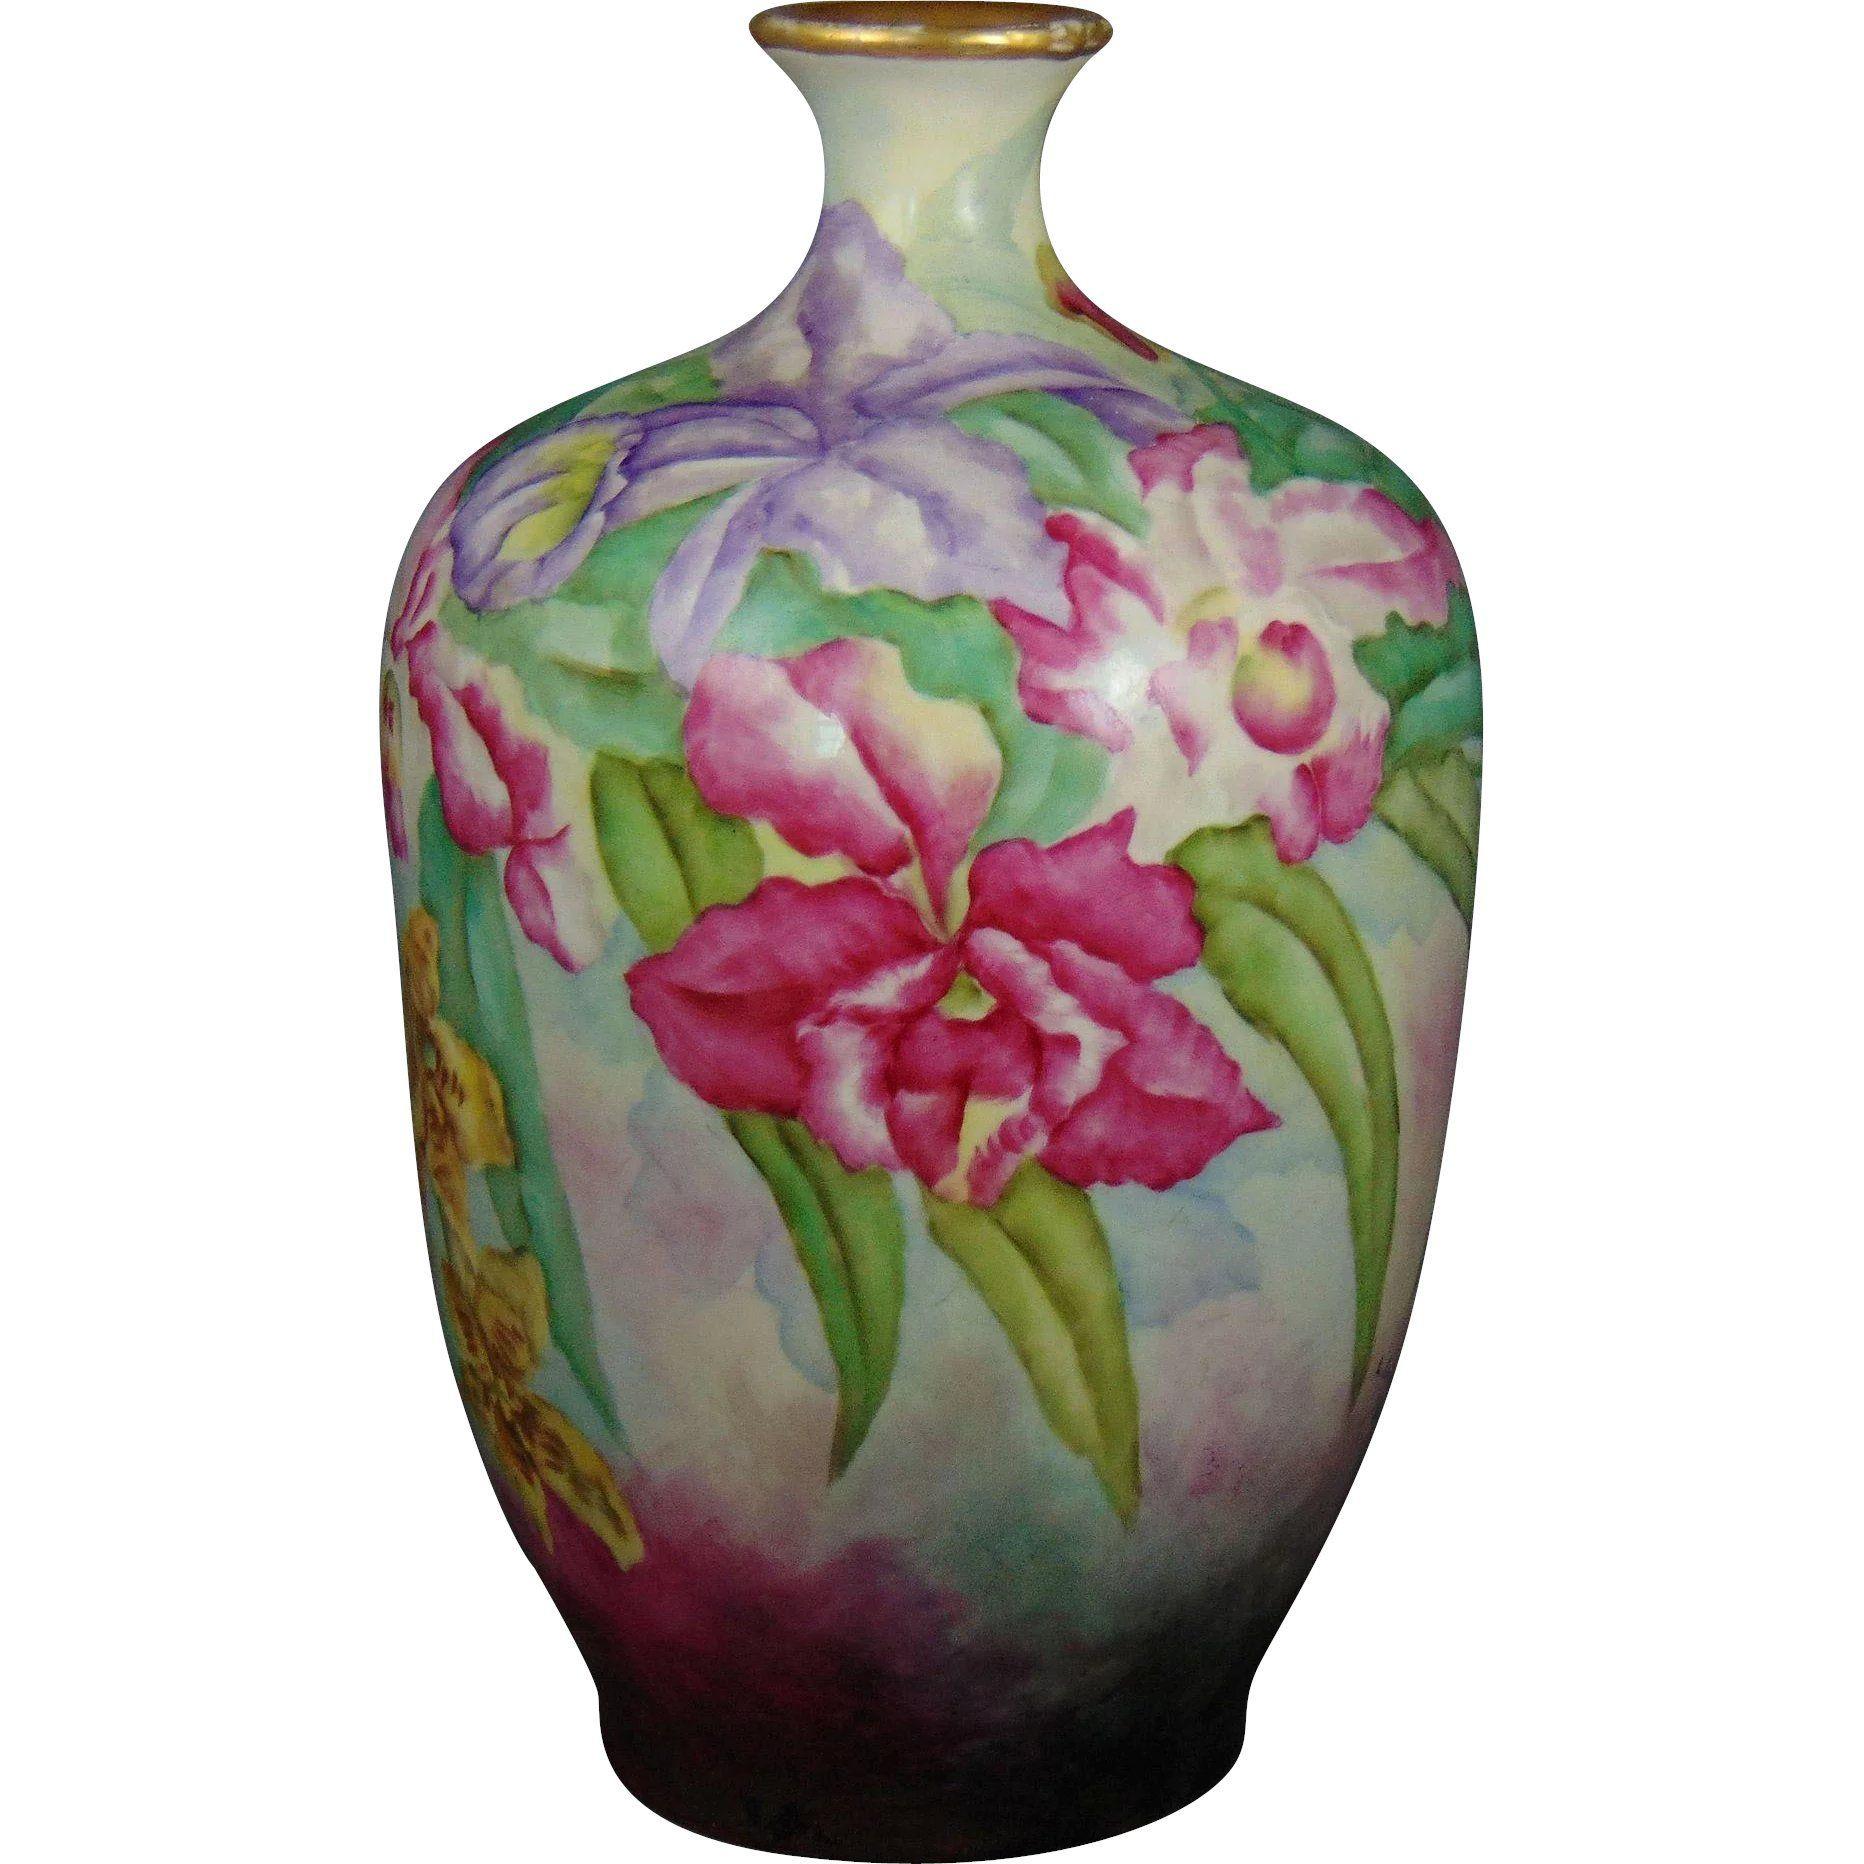 jpl france vase of jp limoges orchid design vase signed l schreyer dated 1909 i inside jp limoges orchid design vase signed l schreyer dated